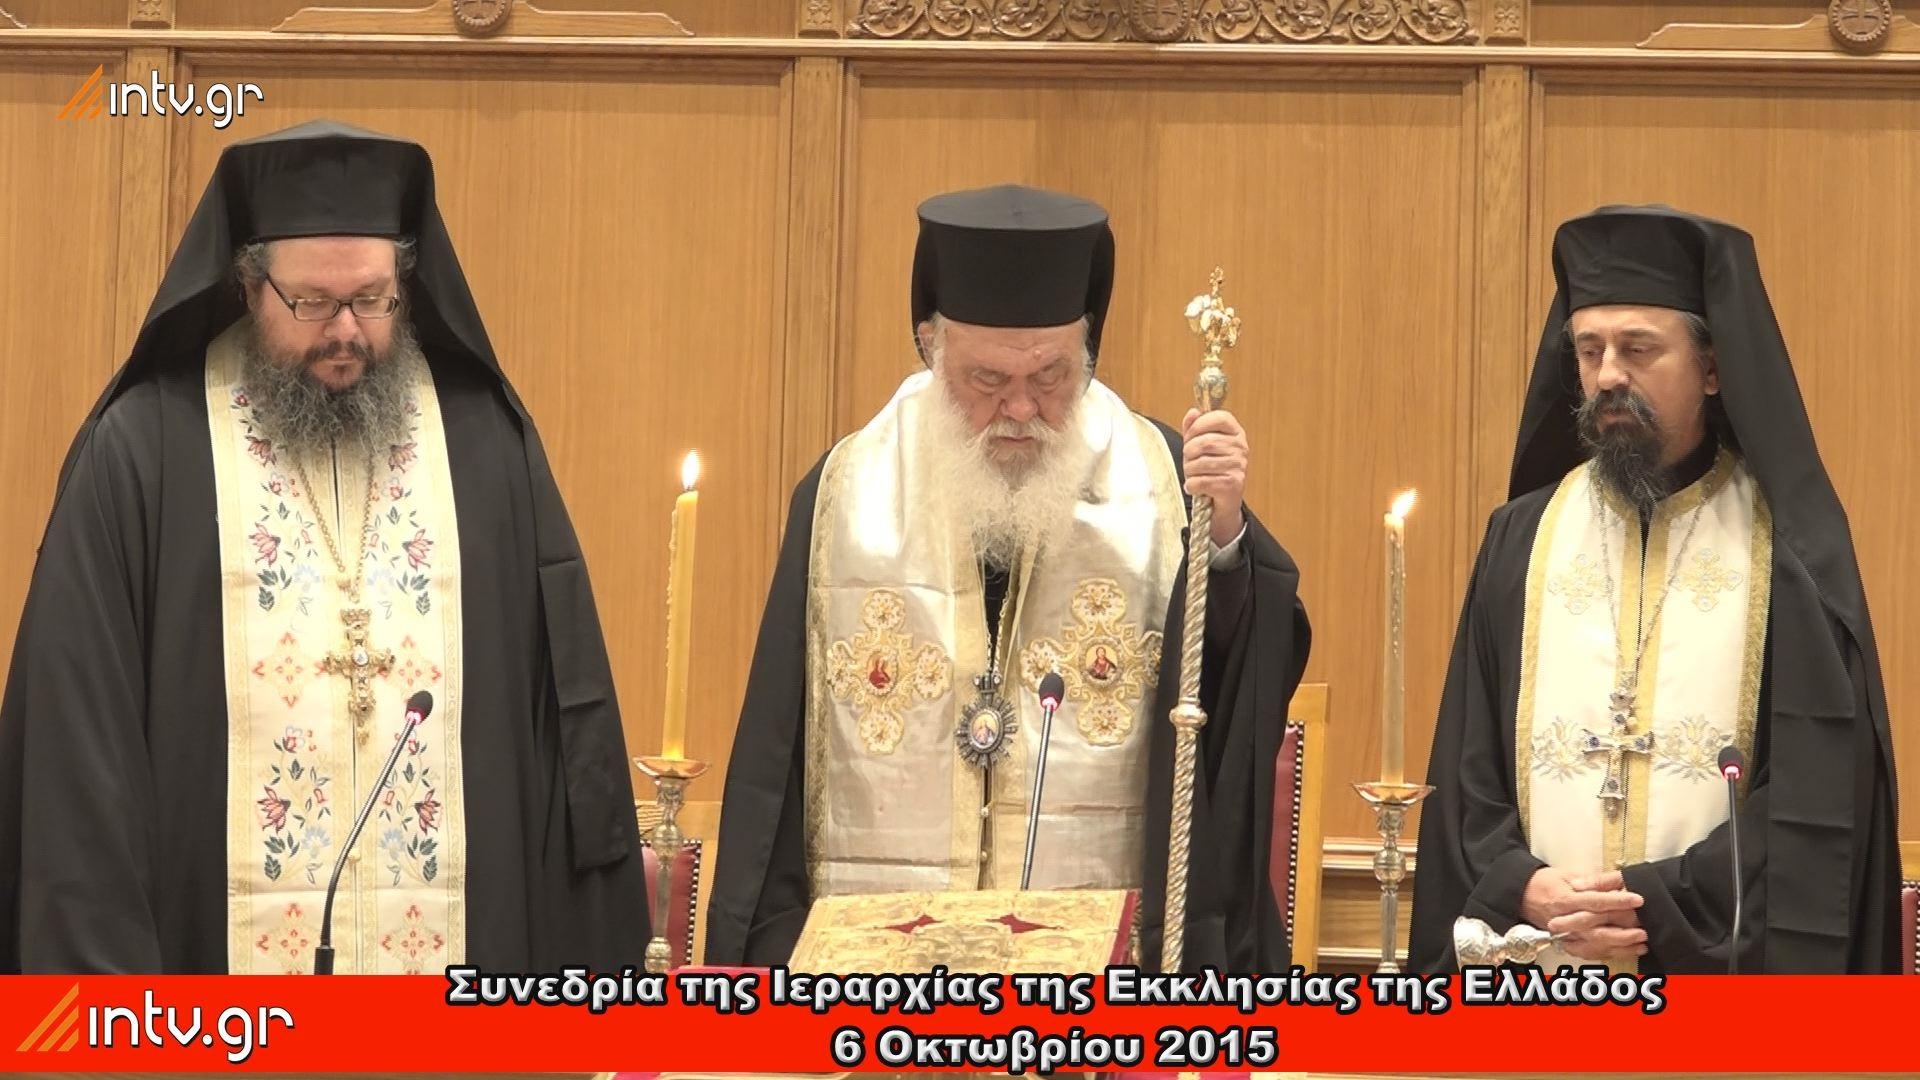 Συνεδρία της Ιεραρχίας της Εκκλησίας της Ελλάδος - 6 Οκτωβρίου 2015